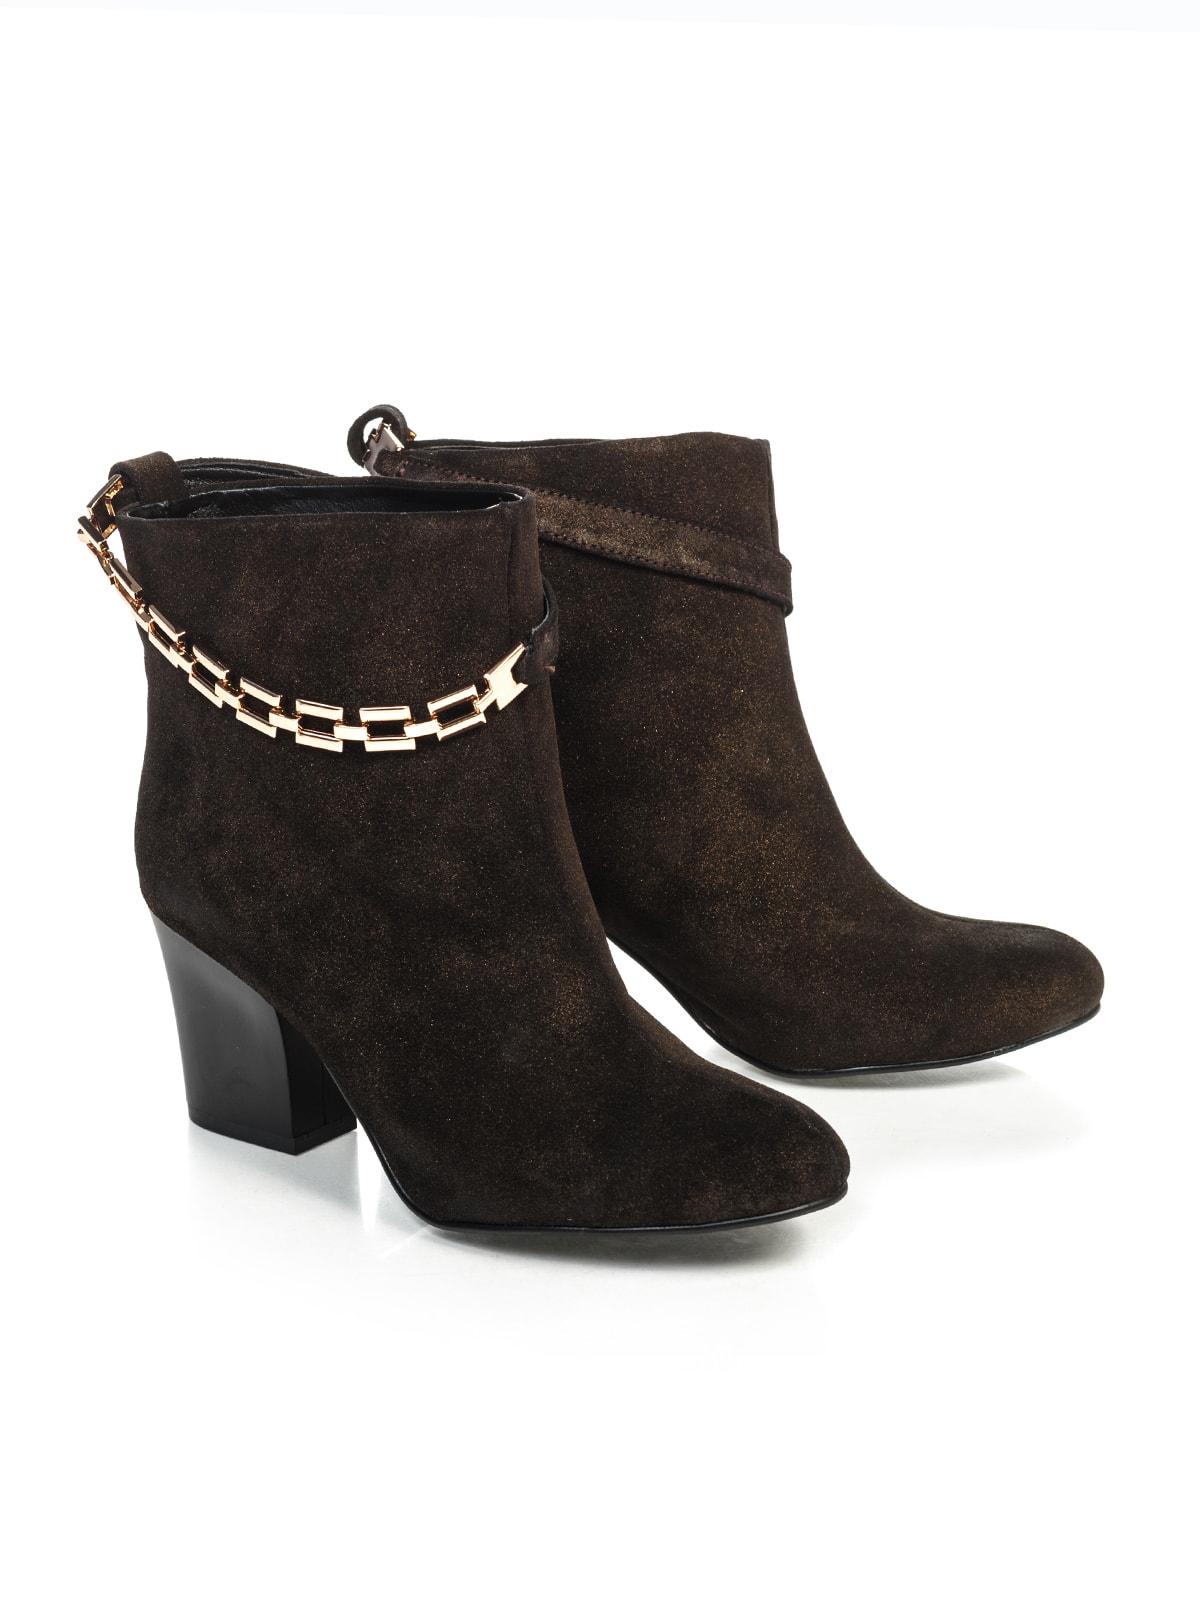 Ботинки коричневые | 4683563 | фото 2